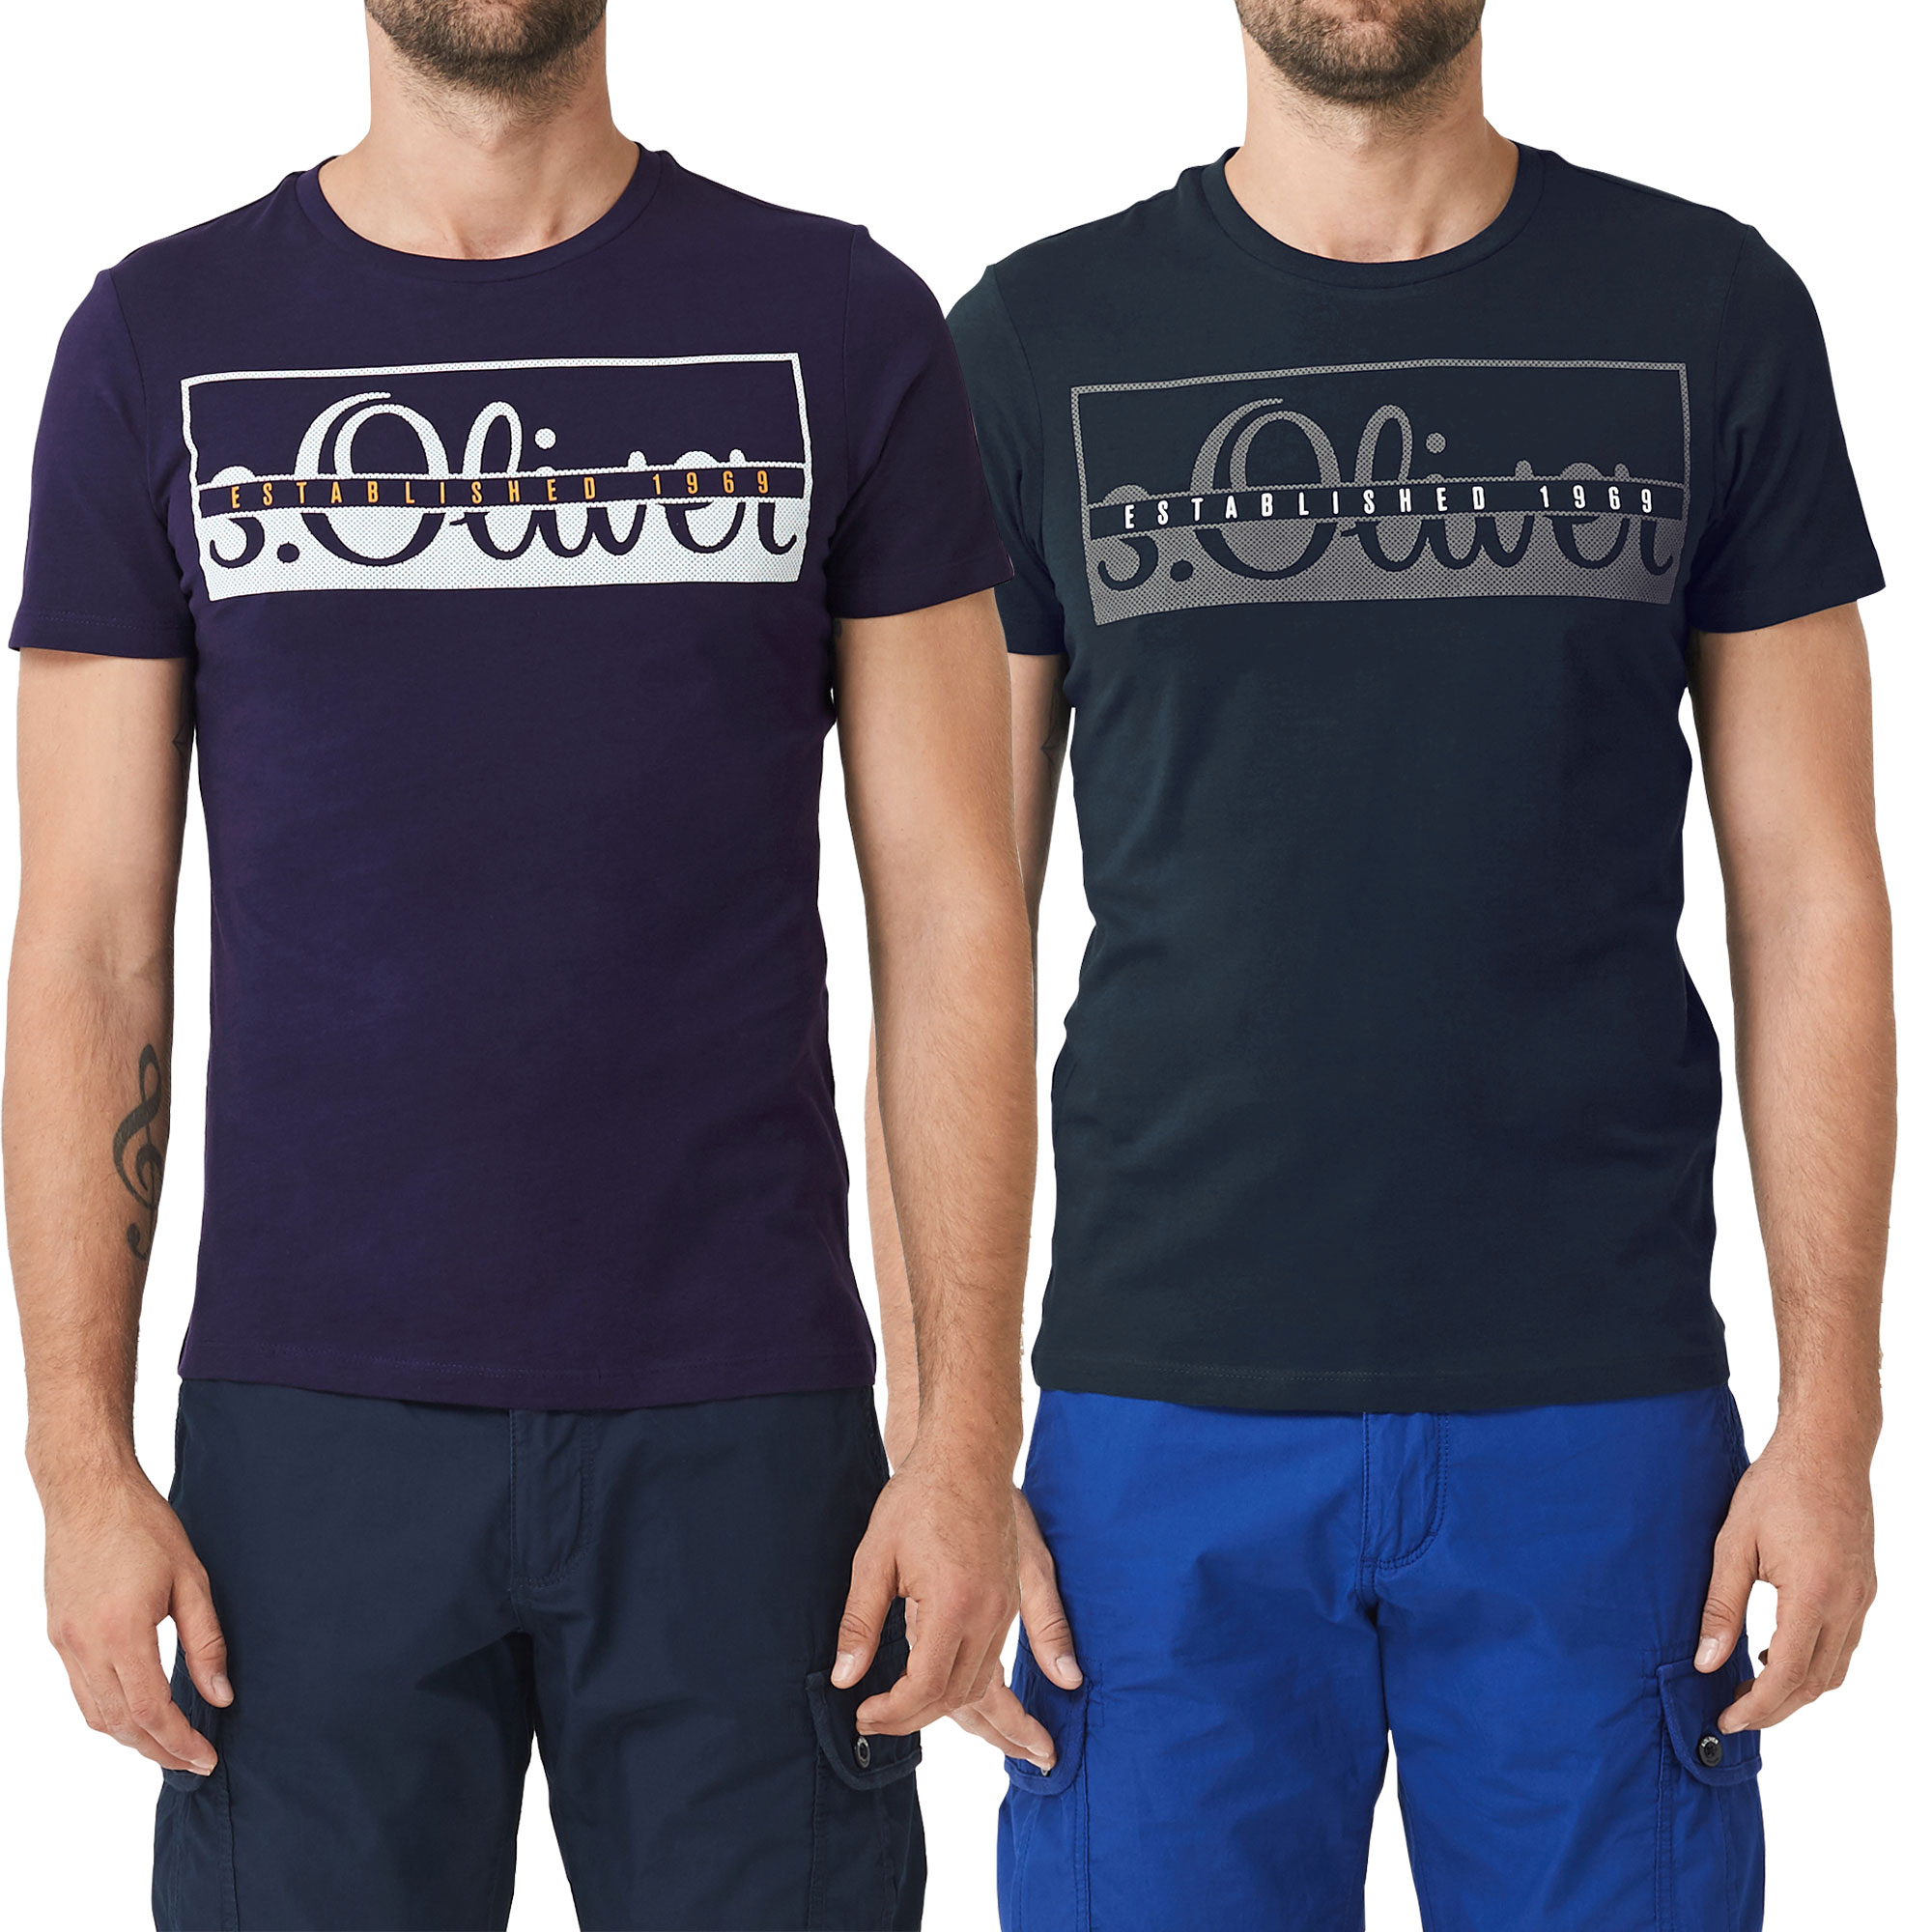 s.Oliver Herren T-Shirt, Rundhals Slim Fit, 2 Stück – Bild 2